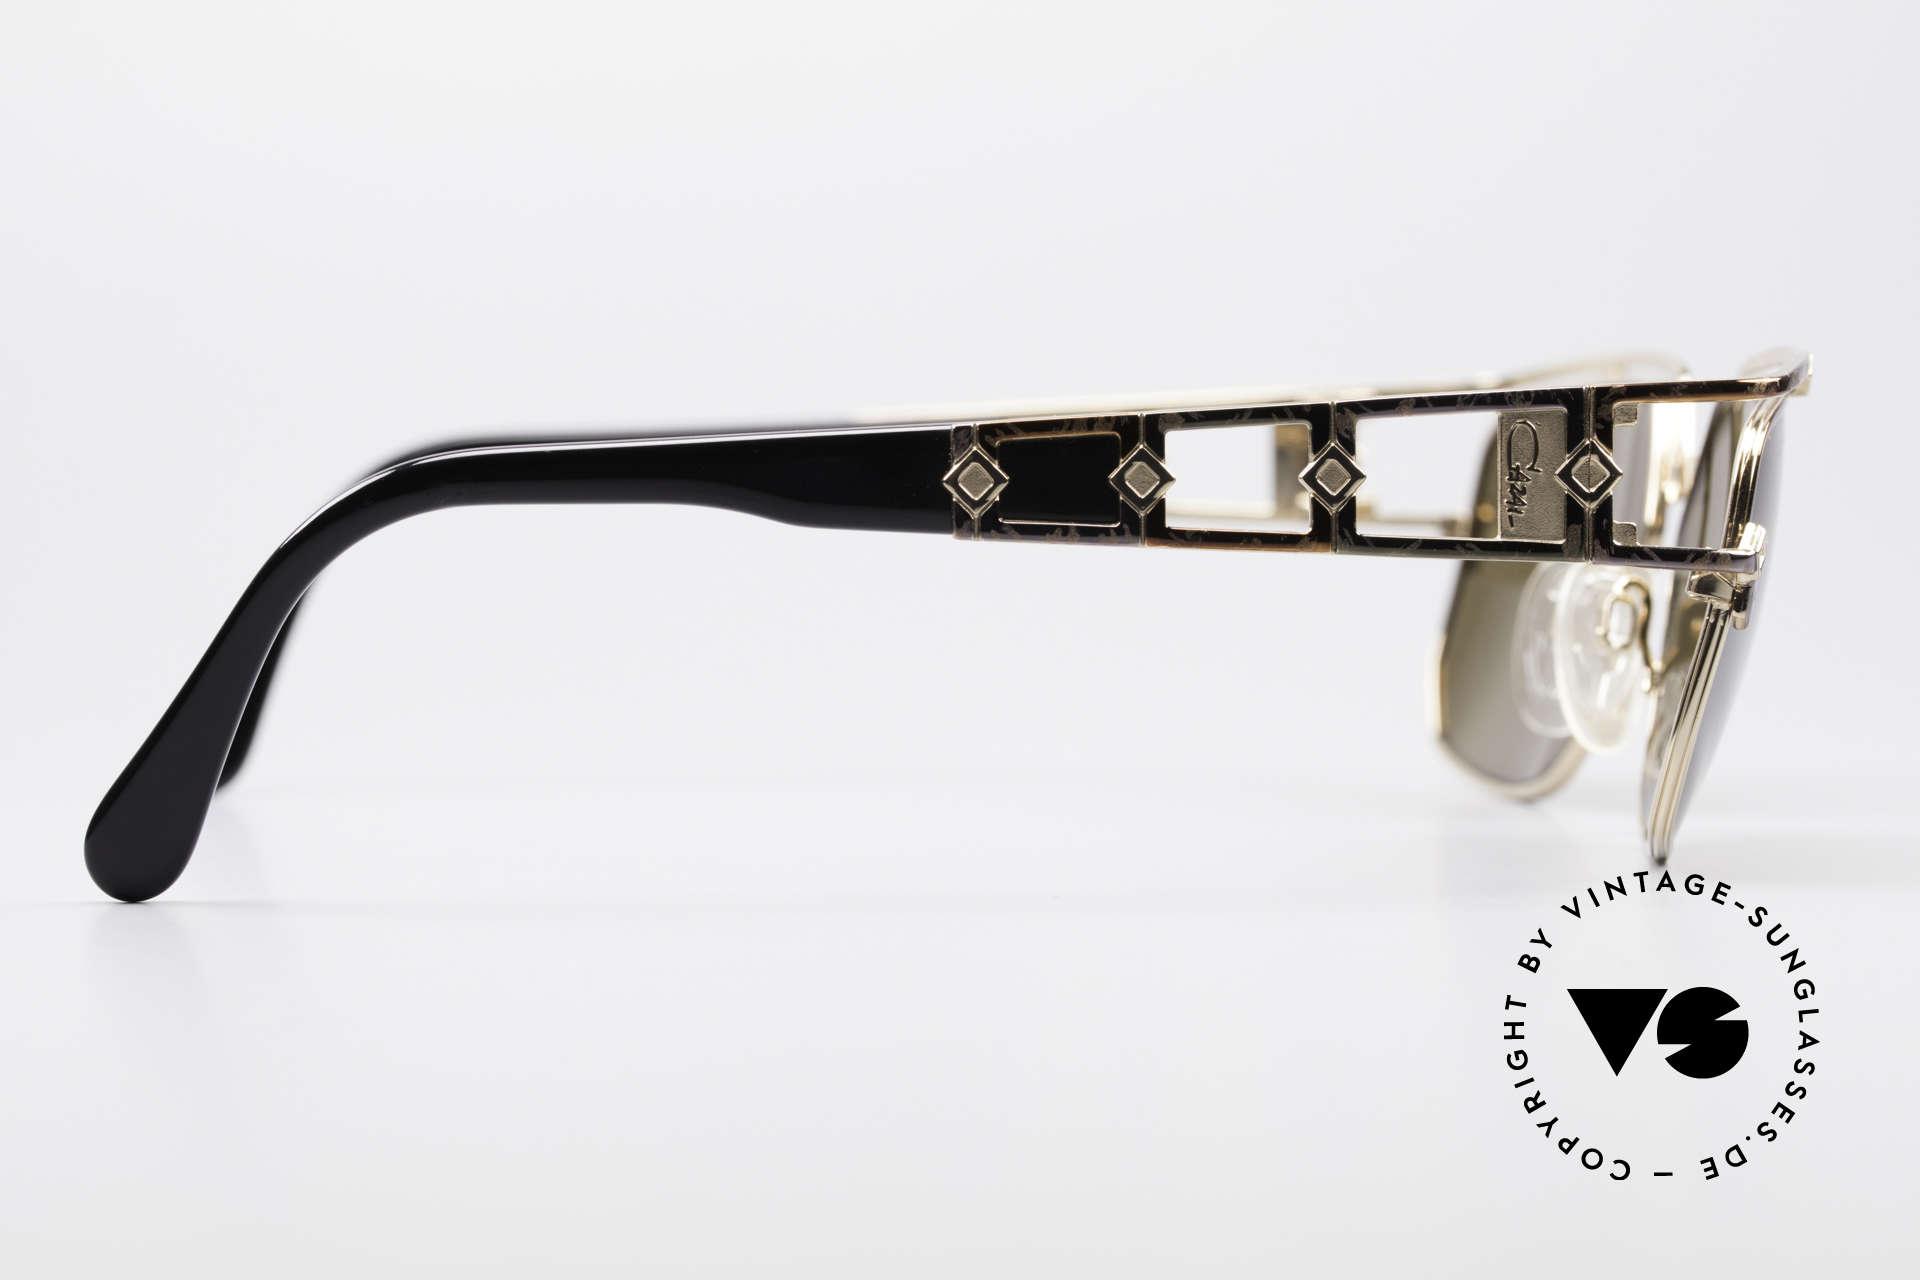 Cazal 979 Damen Sonnenbrille Vintage, KEINE RETRO BRILLE, sondern ein vintage ORIGINAL, Passend für Damen